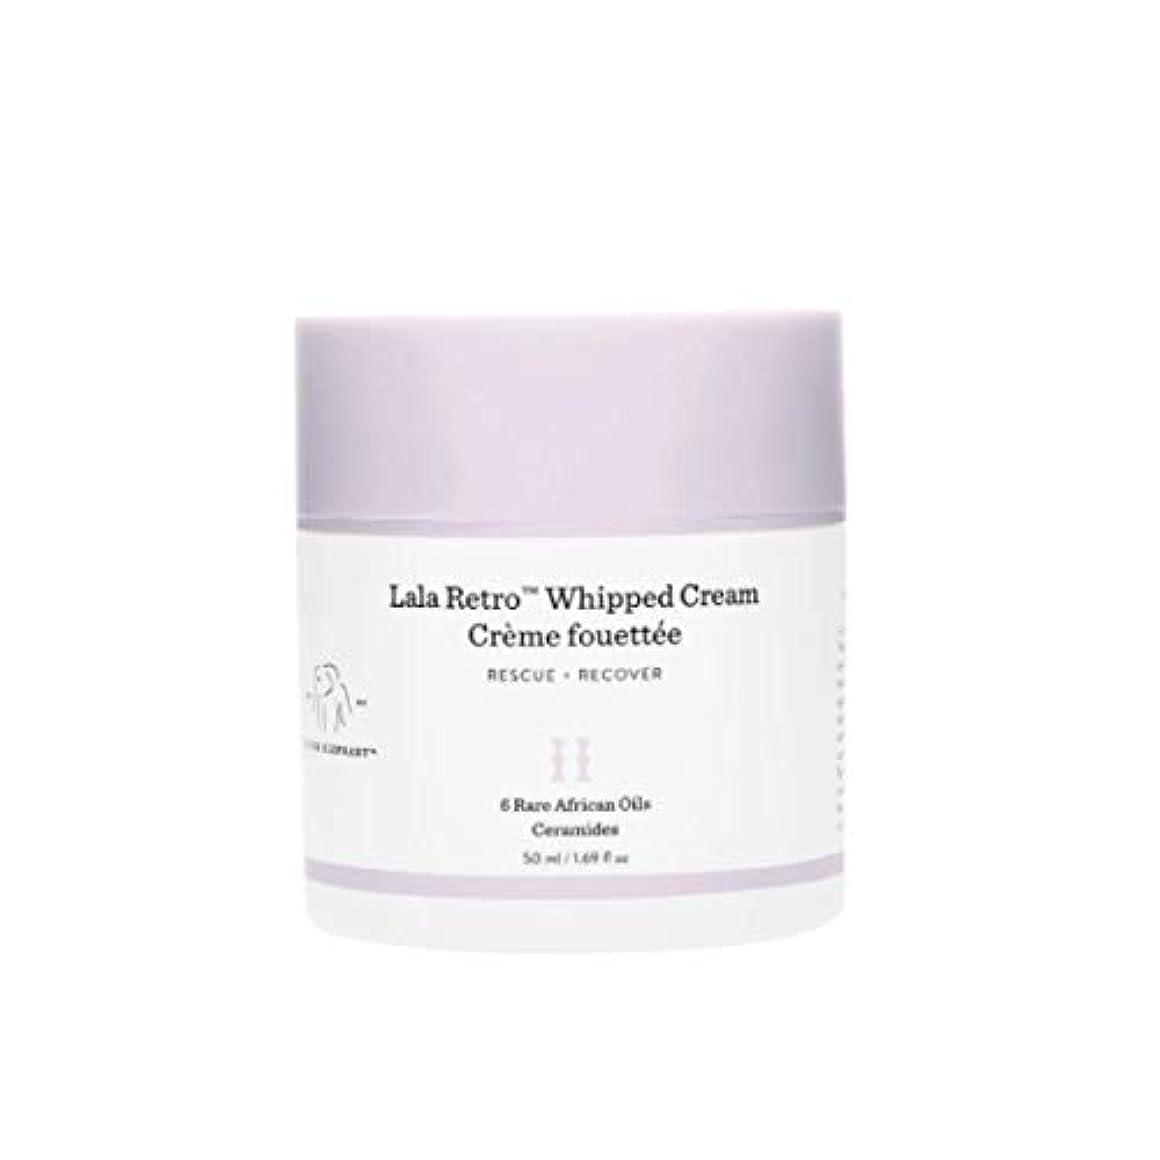 最大イサカ傾斜DRUNK ELEPHANT Lala Retro Whipped Cream 1.69 oz/ 50 ml ドランクエレファント ララレトロ ホイップドクリーム 1.69 oz/ 50 ml